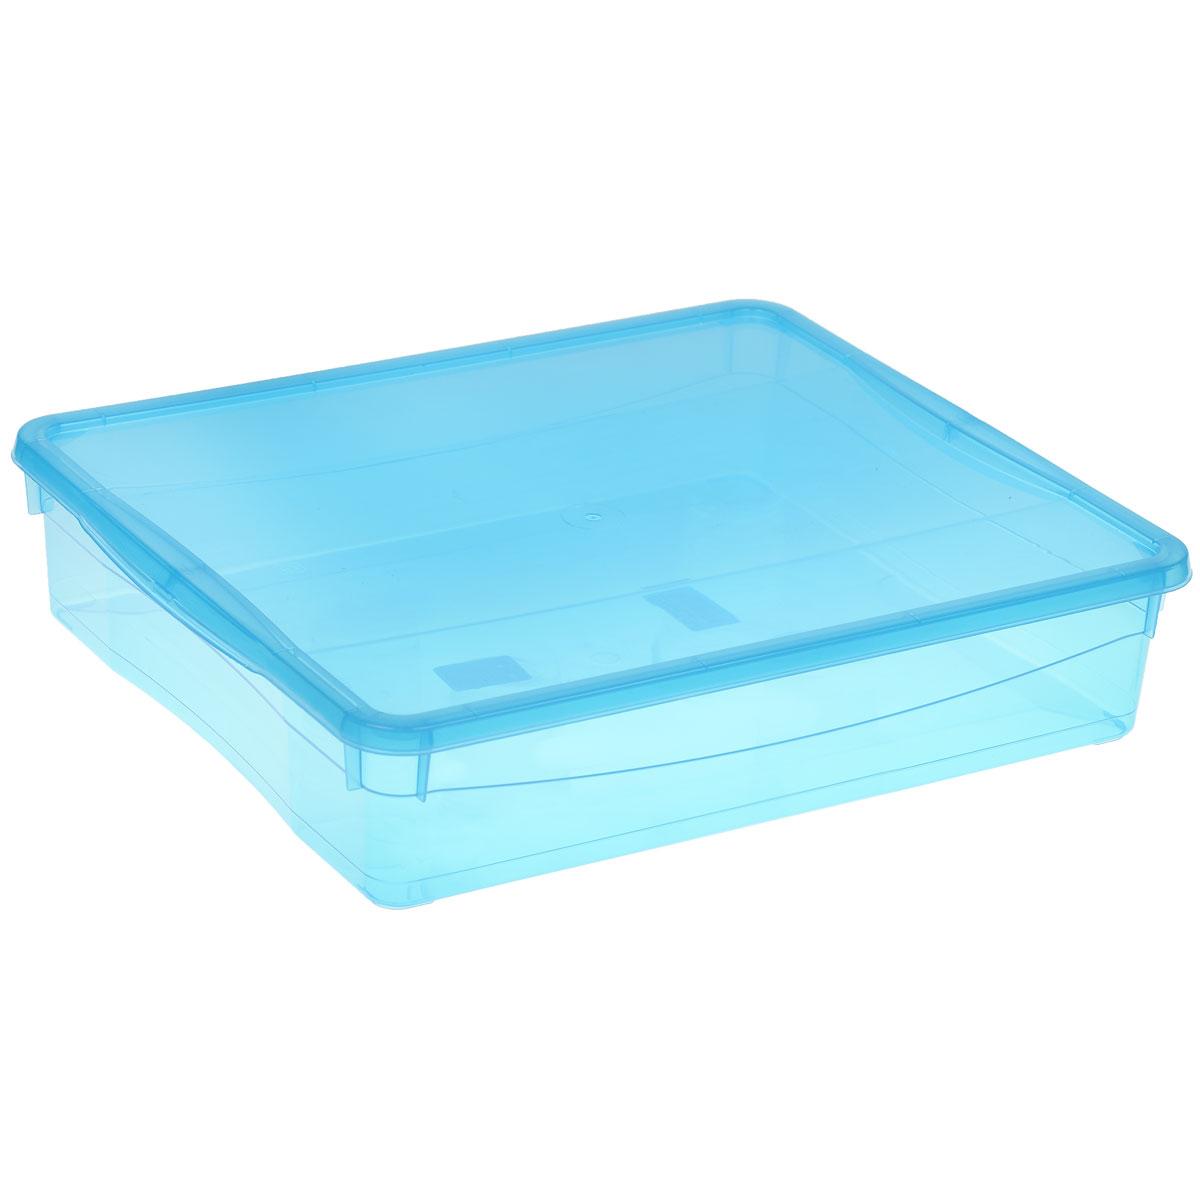 Ящик универсальный Econova Колор стайл с крышкой, цвет: голубой, 9 лС12498Универсальный ящик Econova Колор стайл выполнен из полипропилена и предназначен для хранения различных предметов. Ящик оснащен удобной крышкой.Очень функциональный и вместительный, такой ящик будет очень полезен для хранения вещей или продуктов, а также защитит их от пыли и грязи.